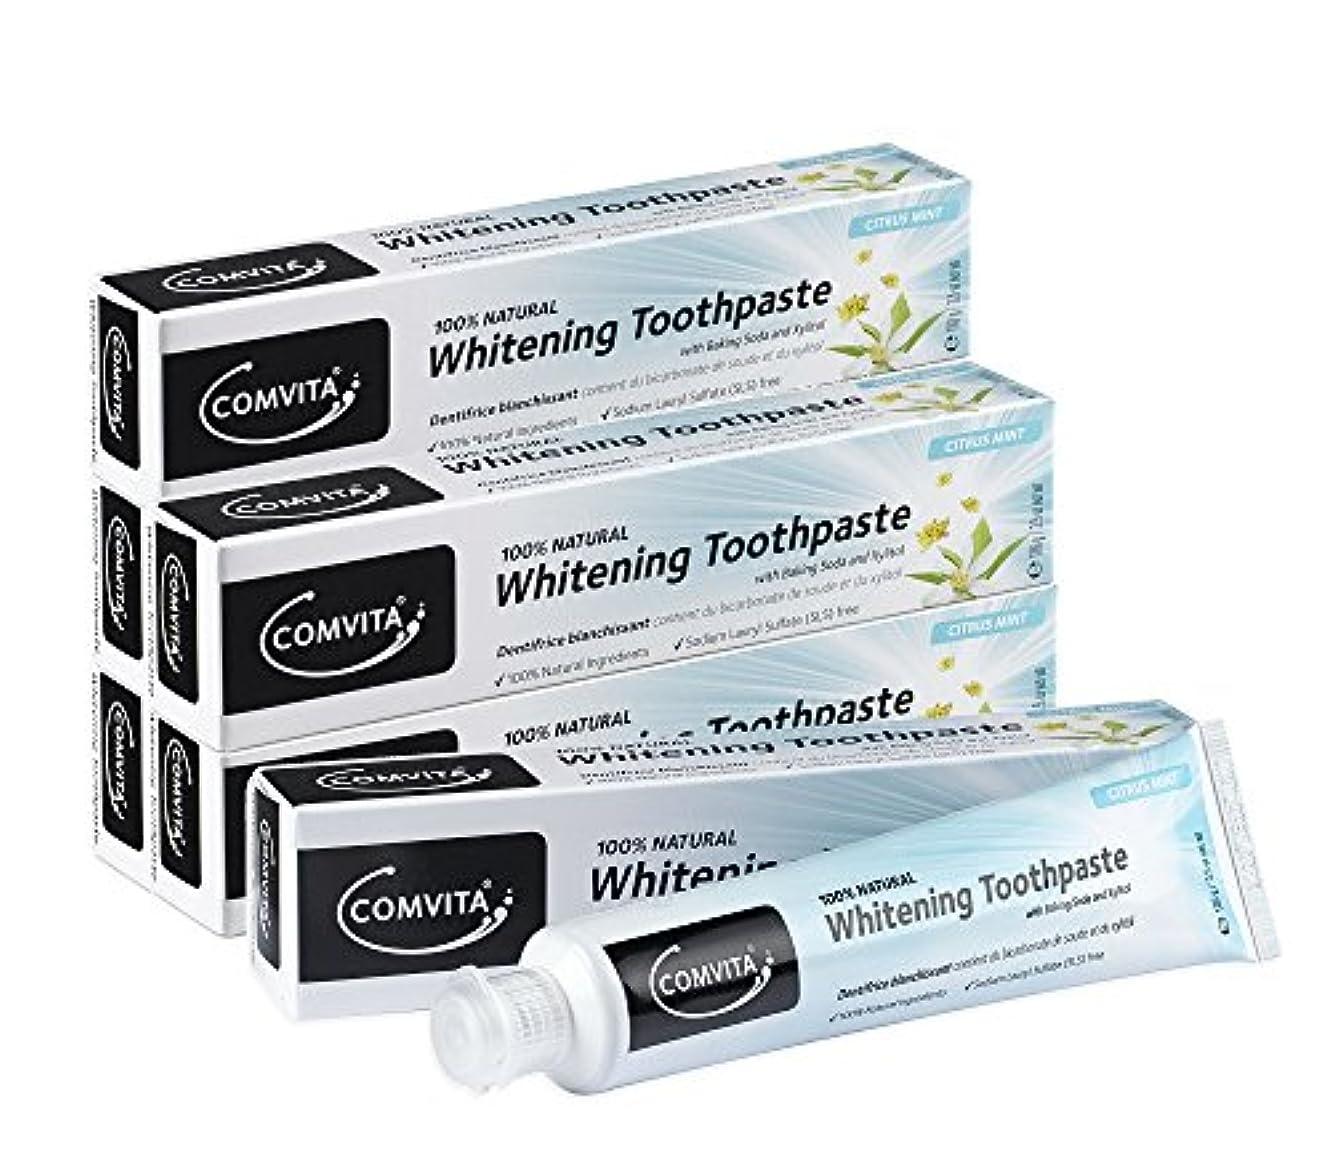 あたたかい障害者アンデス山脈ホワイトニング歯磨き コンビタ 100g お得な6本セット whitening toothpaste